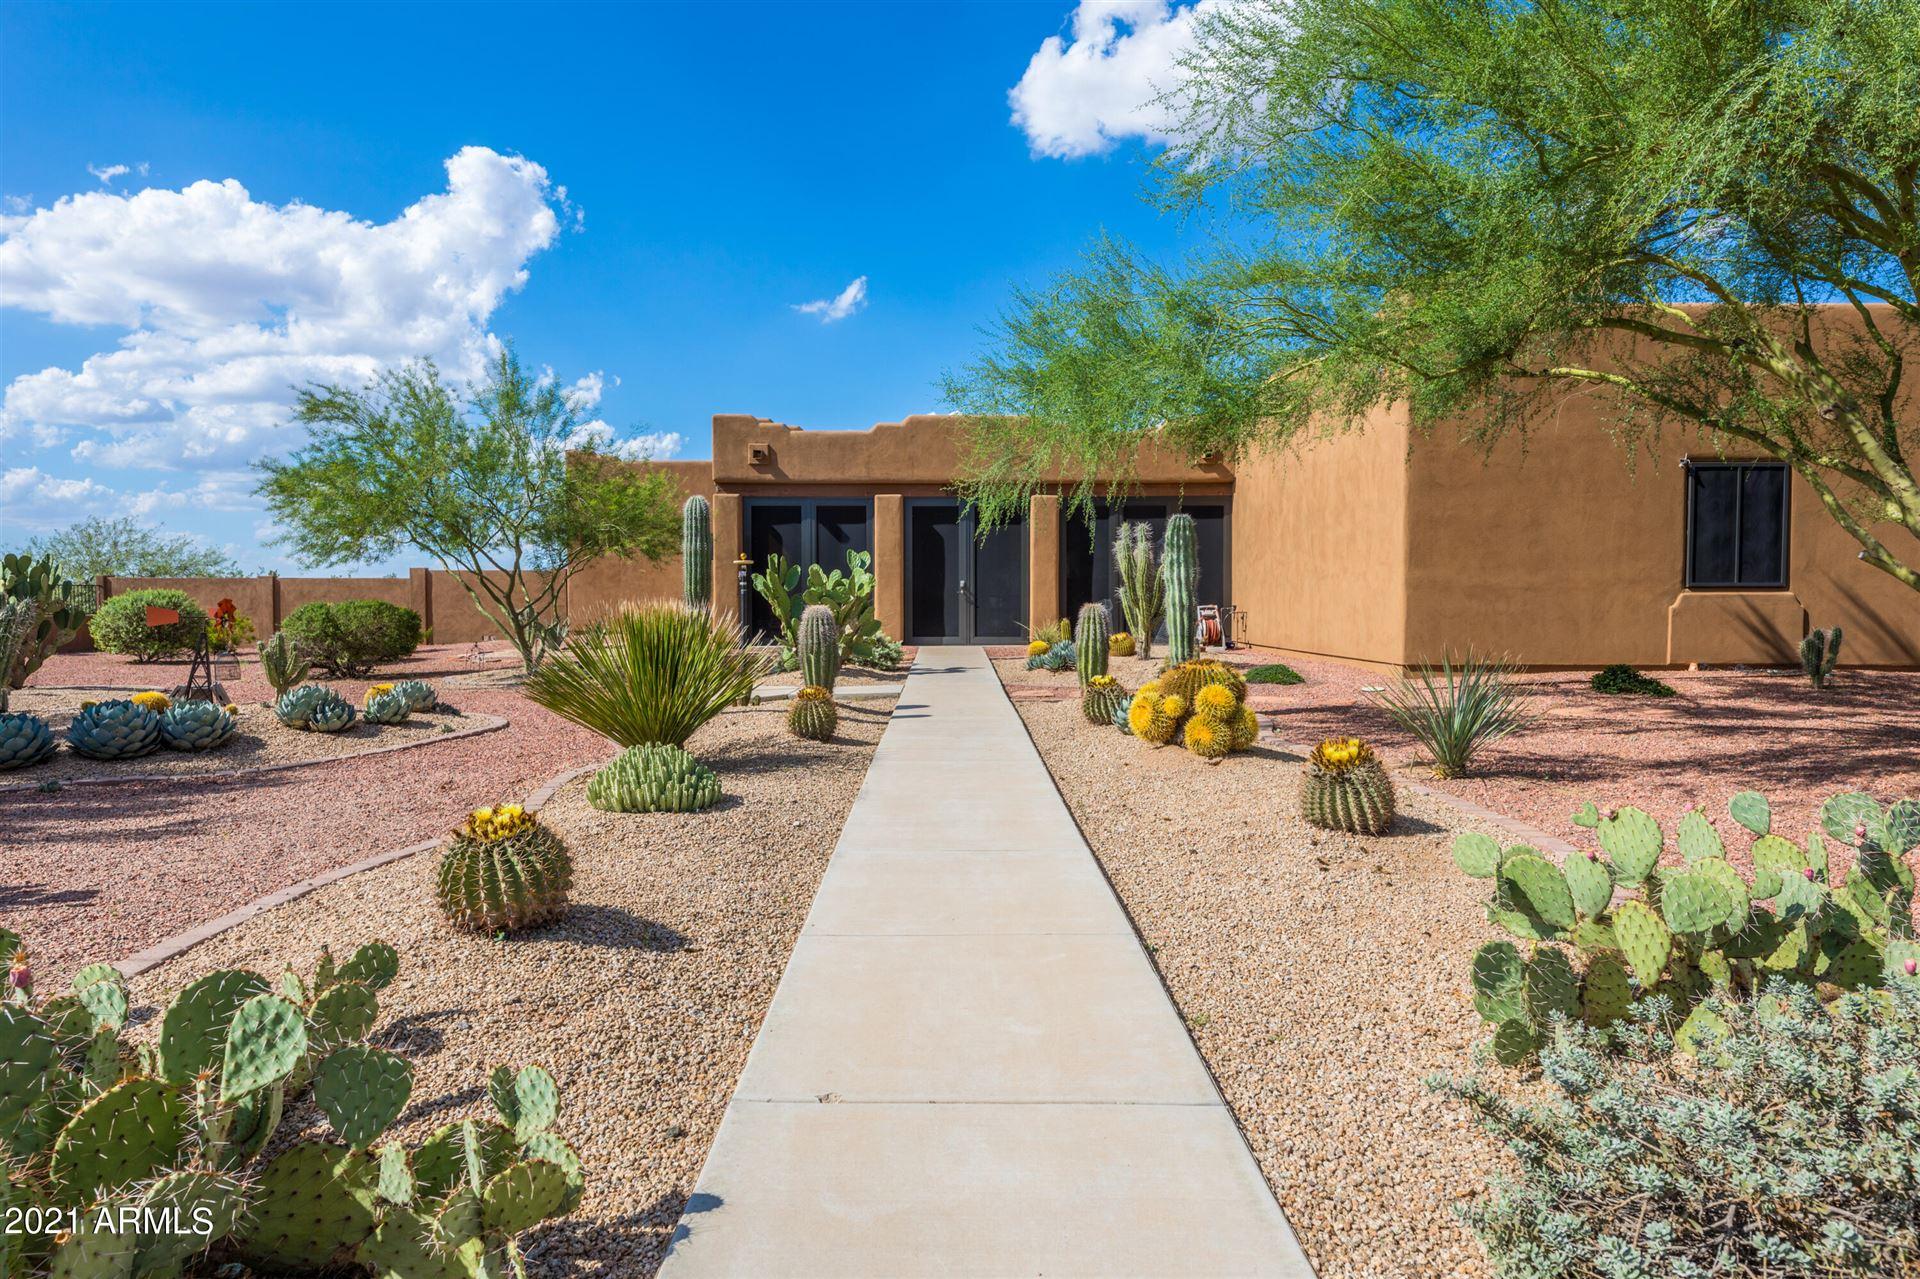 Photo of 24148 W JOMAX Road, Wittmann, AZ 85361 (MLS # 6296434)